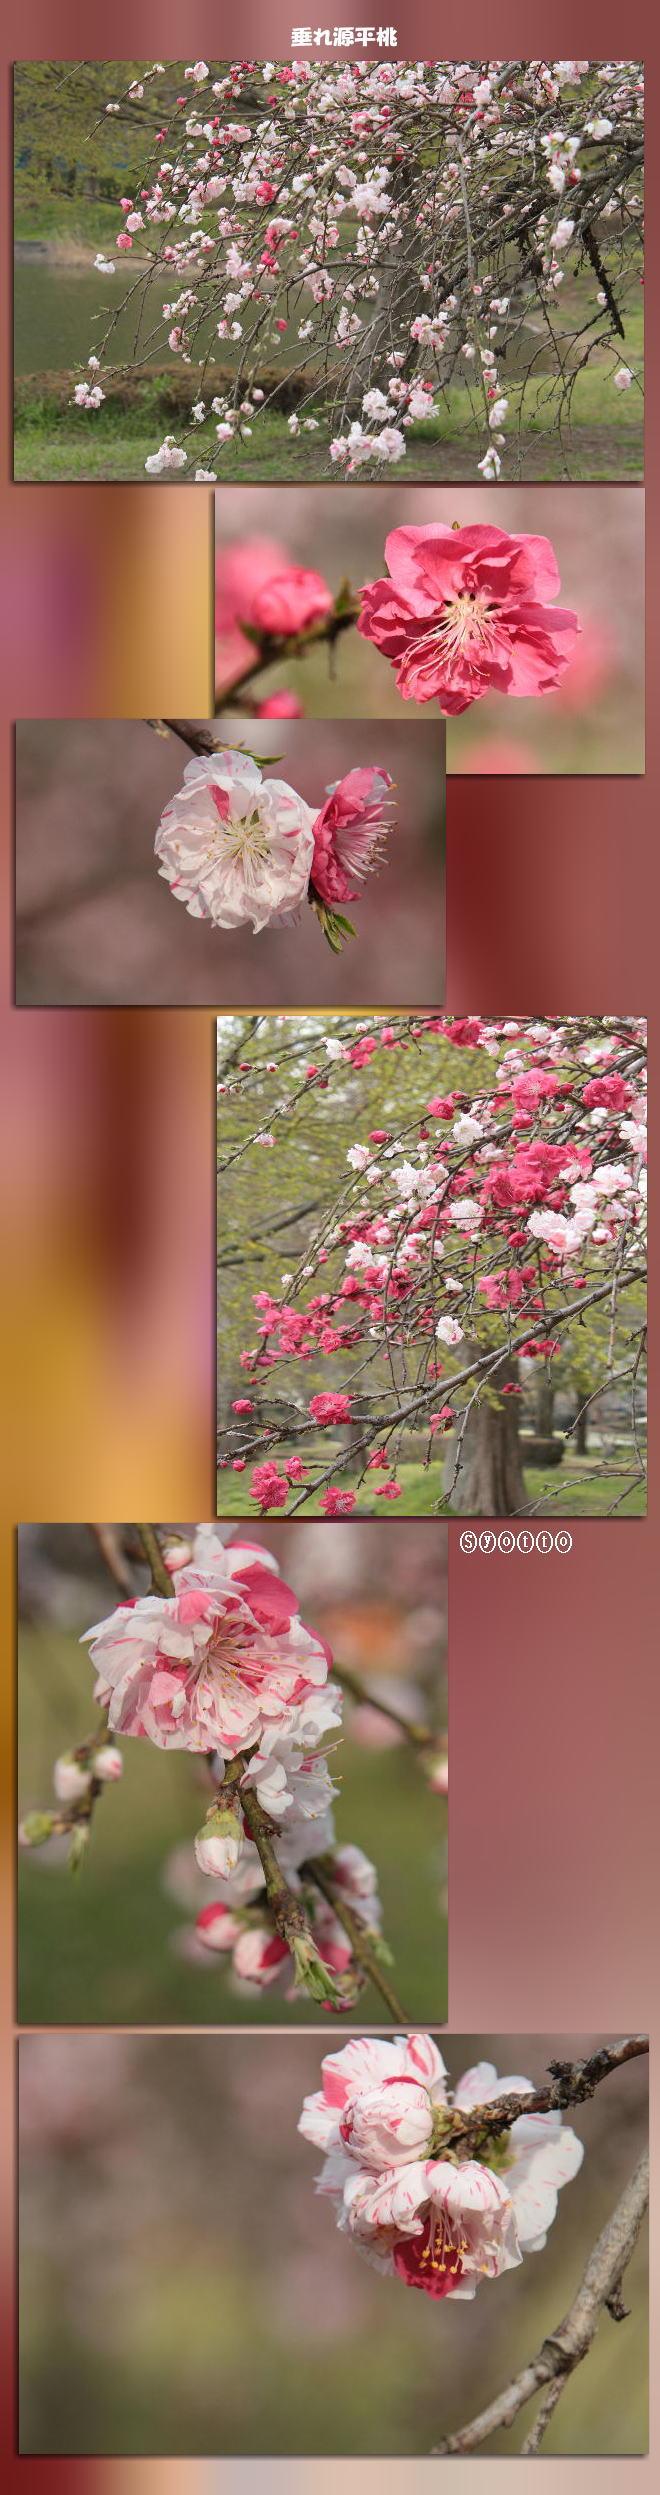 f0164592_10135680.jpg